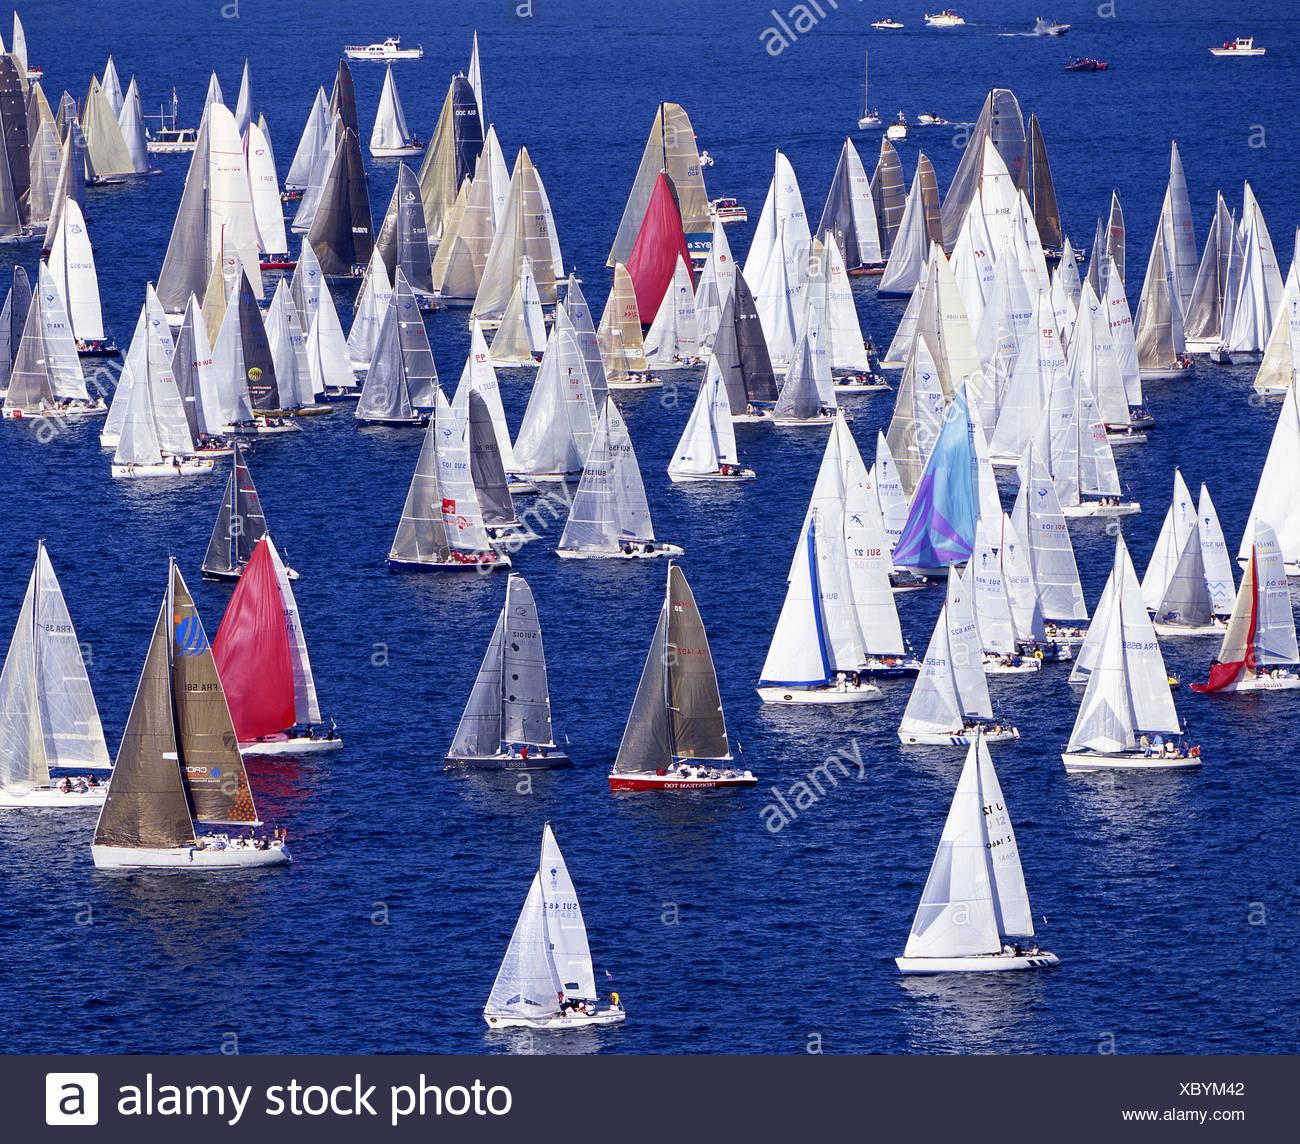 Bol d'embarcations aquatiques ou lac de Genève Genève Lac Leman voile voiles de régate sports bateau Suisse Eur Photo Stock